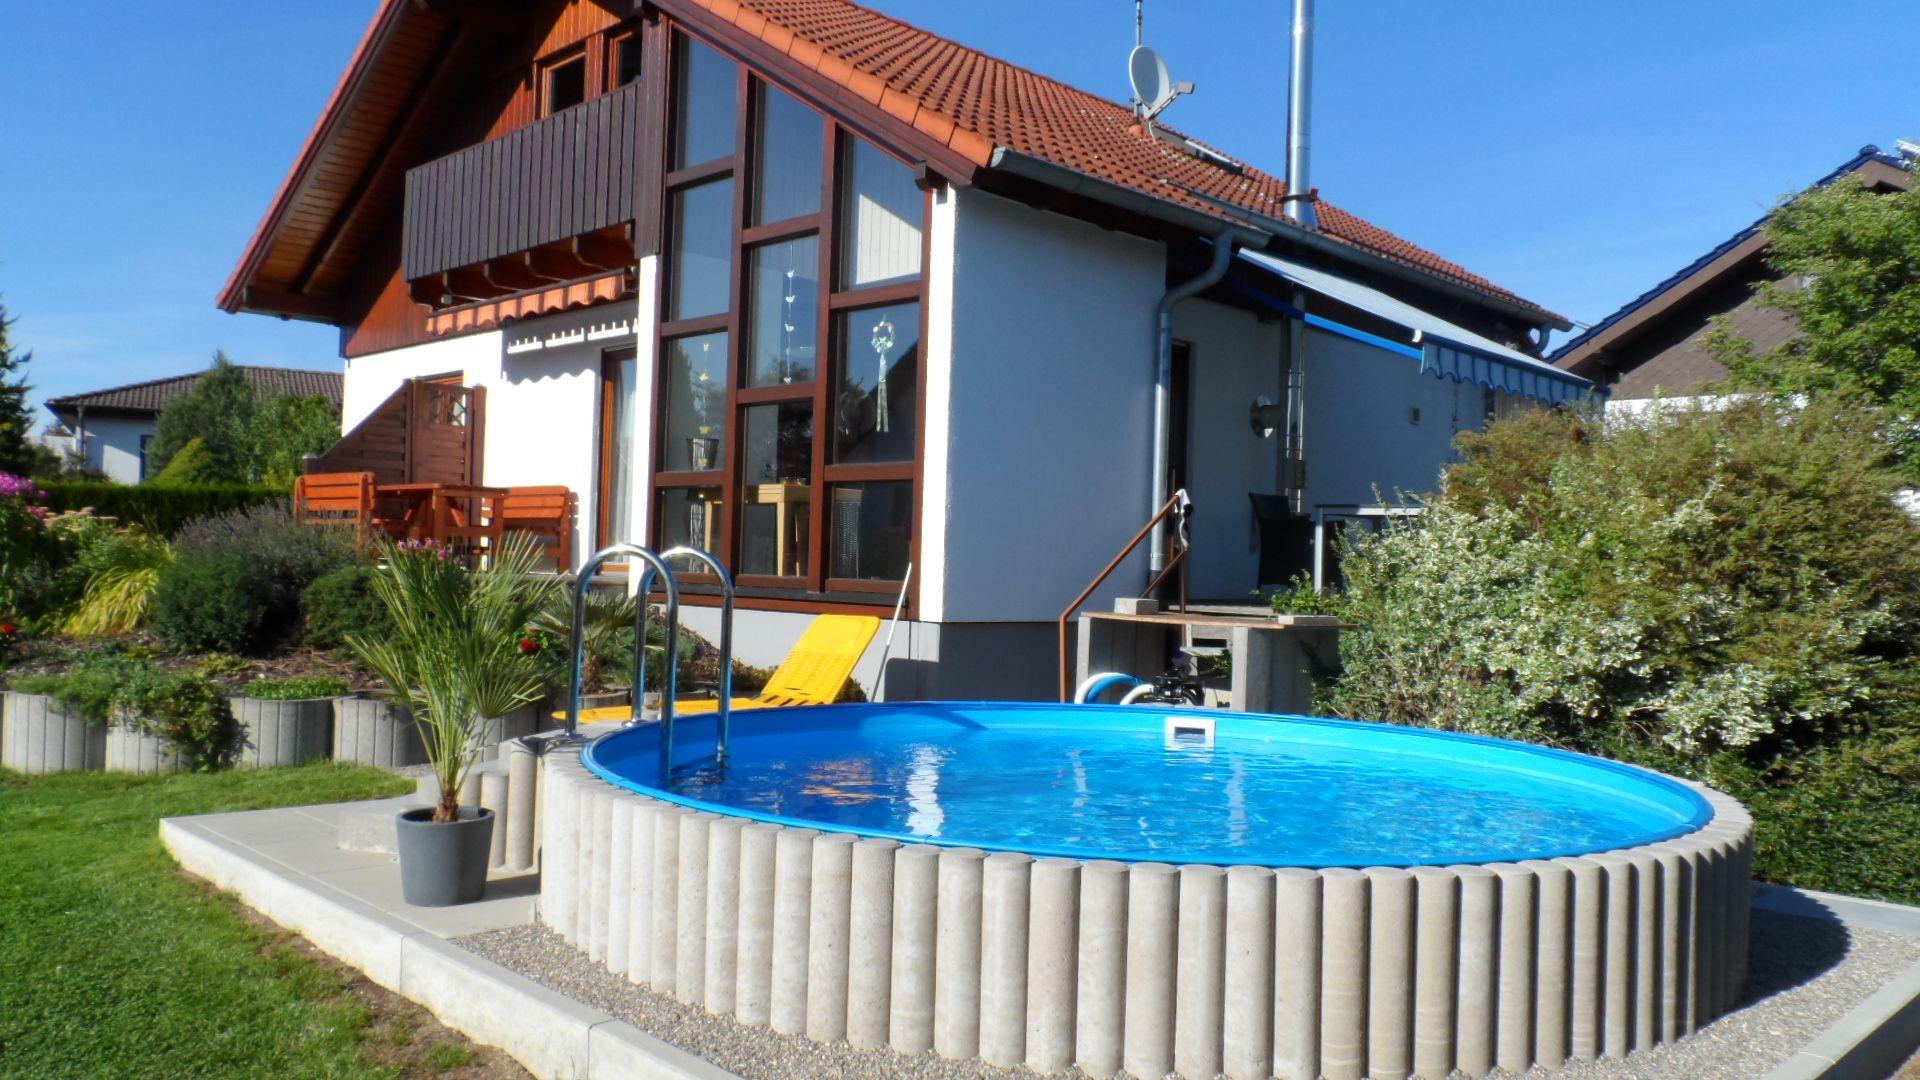 wer braucht schon immer einen strand wenn man den eigenen pool im garten hat pool garten. Black Bedroom Furniture Sets. Home Design Ideas